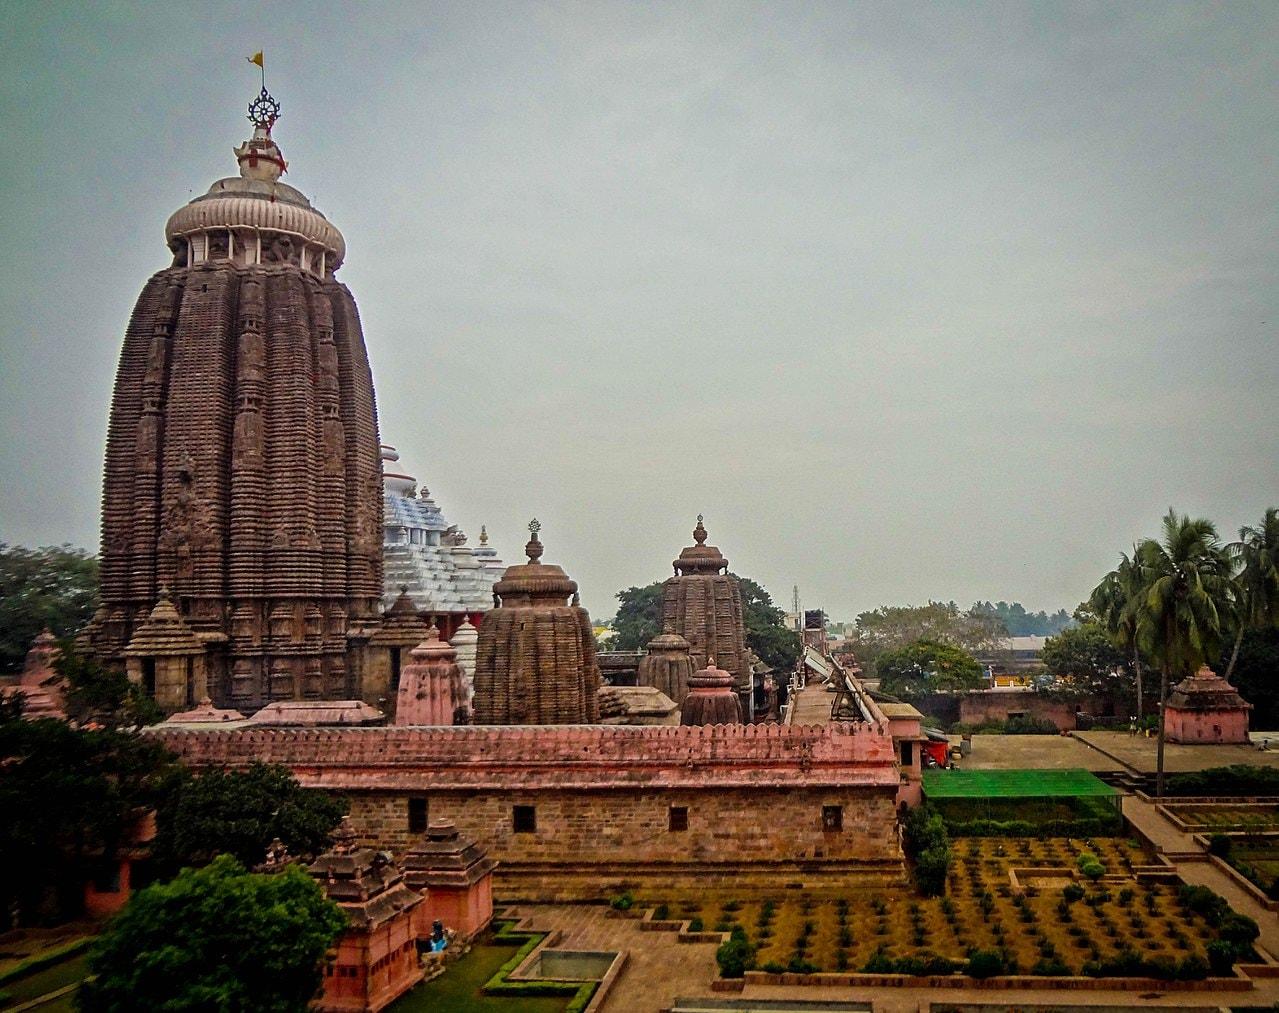 1280px-Shri_Jagannath_Temple,Puri